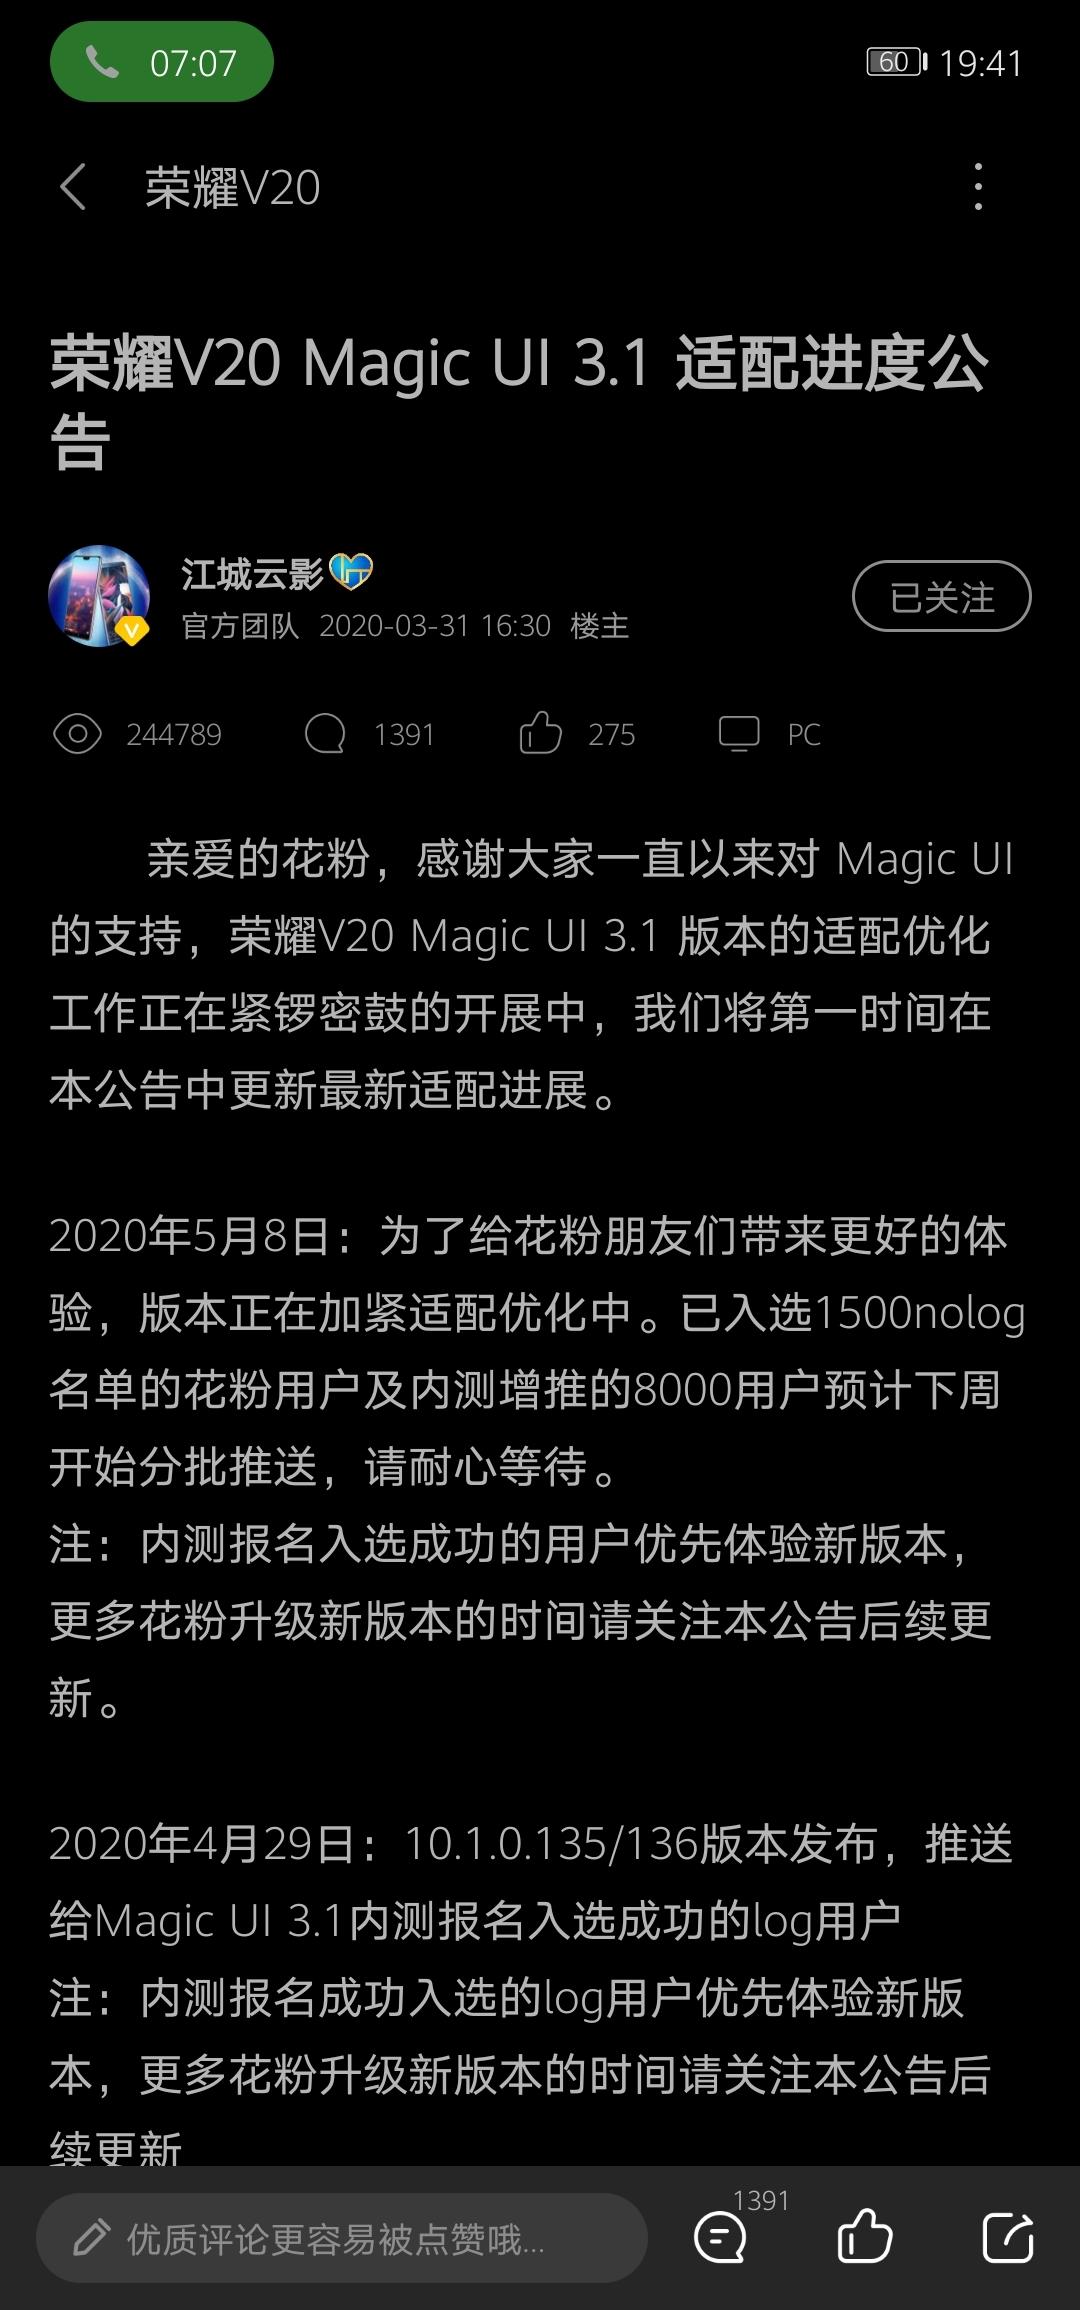 Screenshot_20200508_194146_com.huawei.fans.jpg